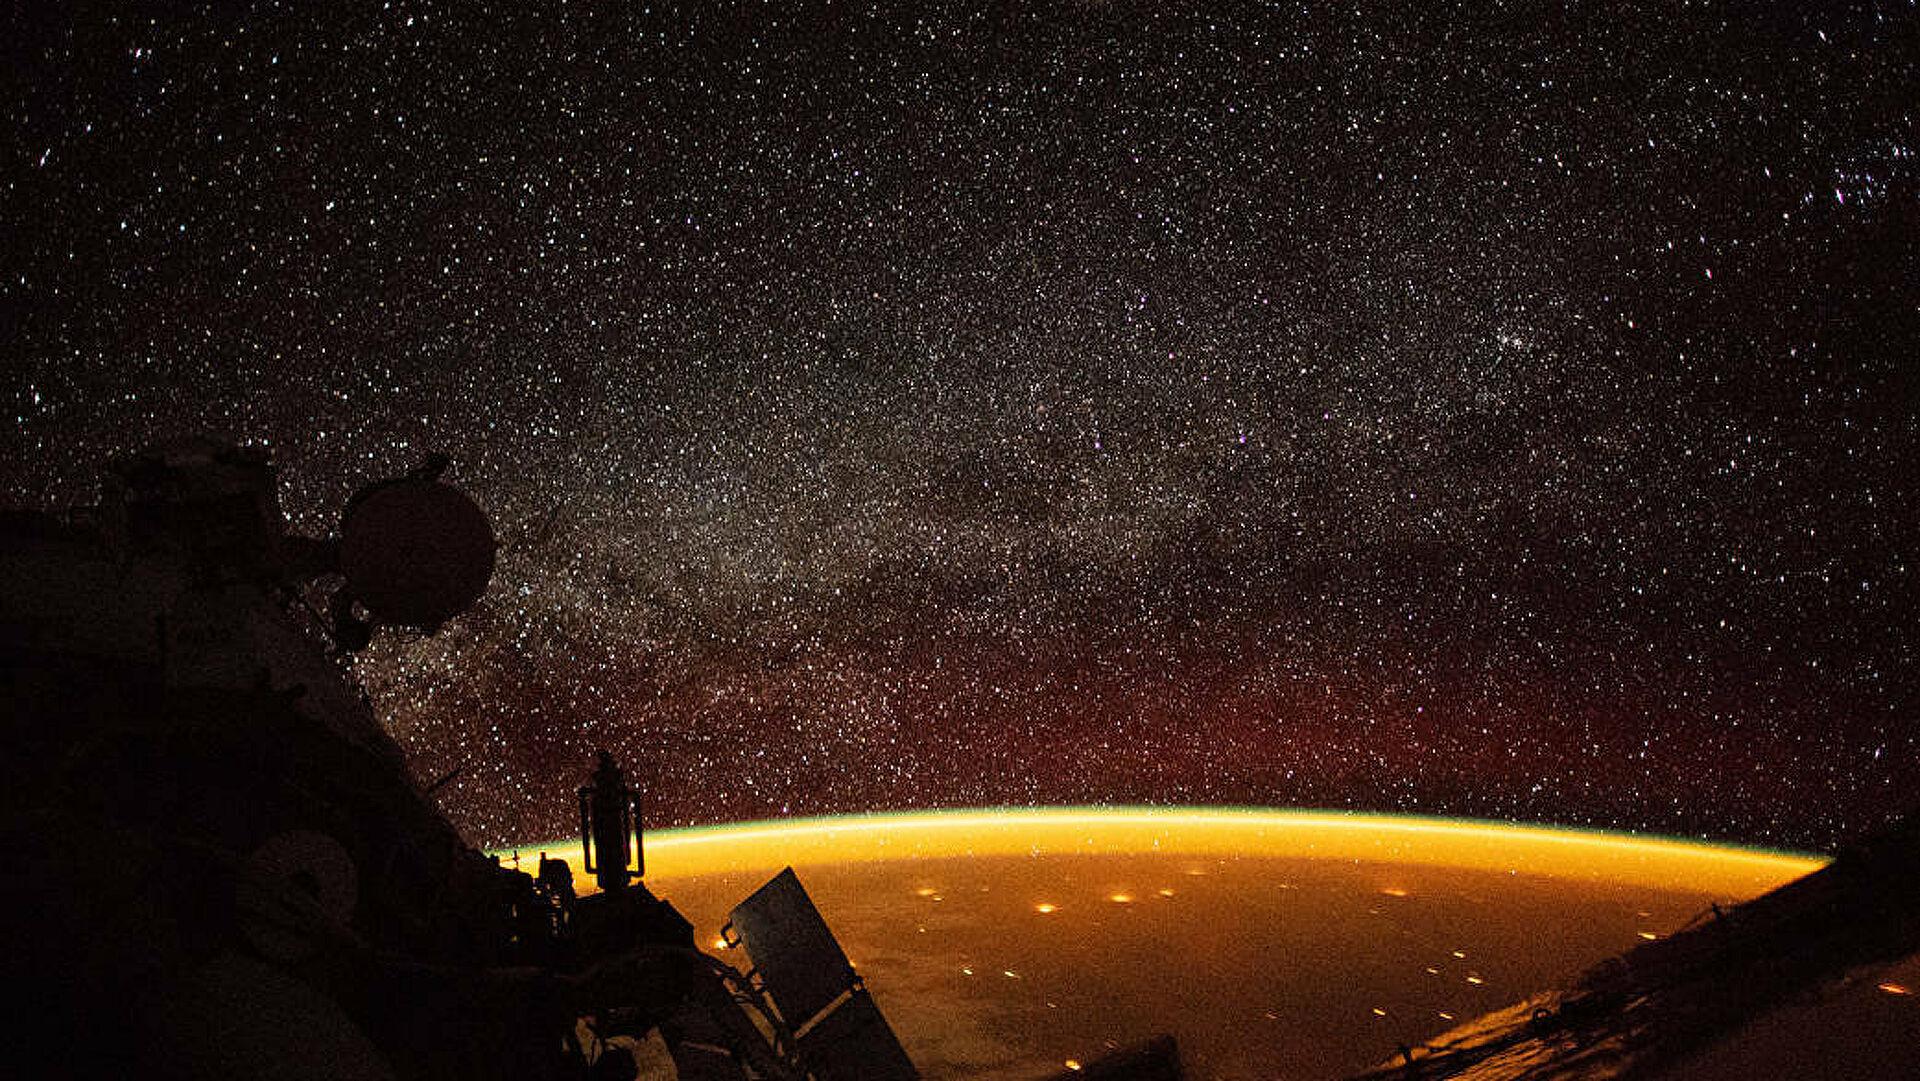 Ученые предупредили о приближении катастрофы на Земле